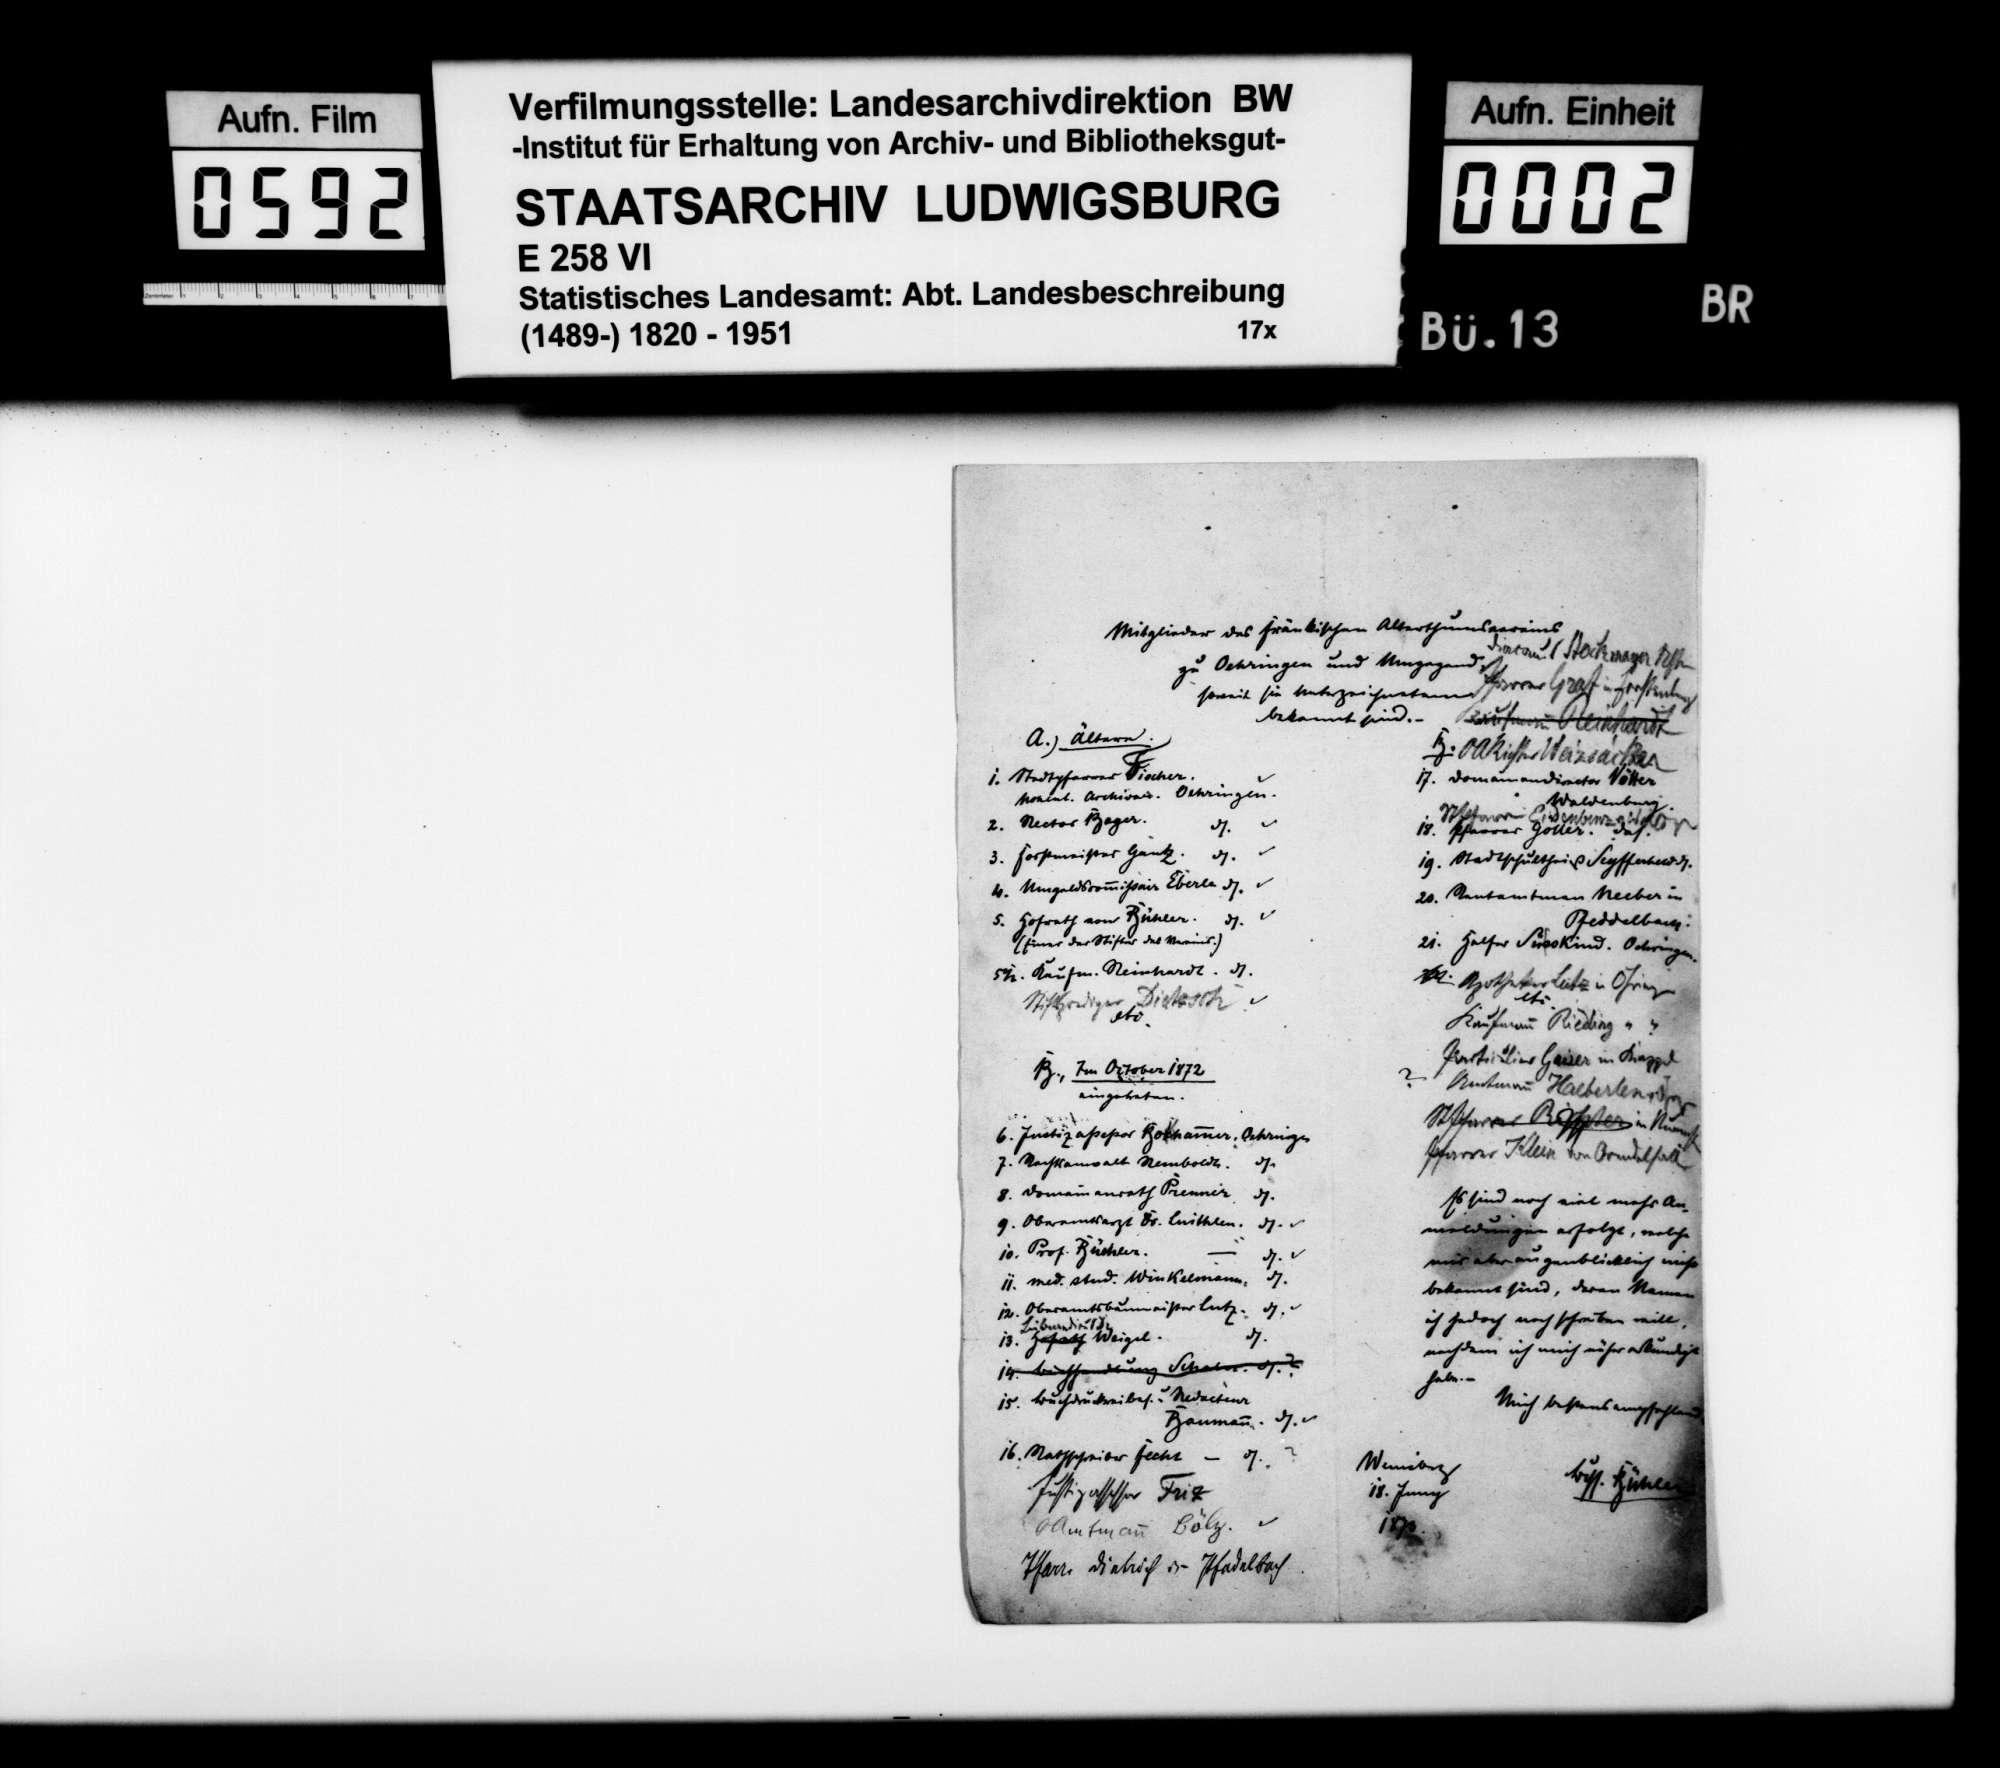 Liste der dem Kameralamtsbuchhalter Bühler aus Weinsberg bekannten Mitglieder des fränkischen Altertumsvereins zu Öhringen und Umgebung, Bild 1